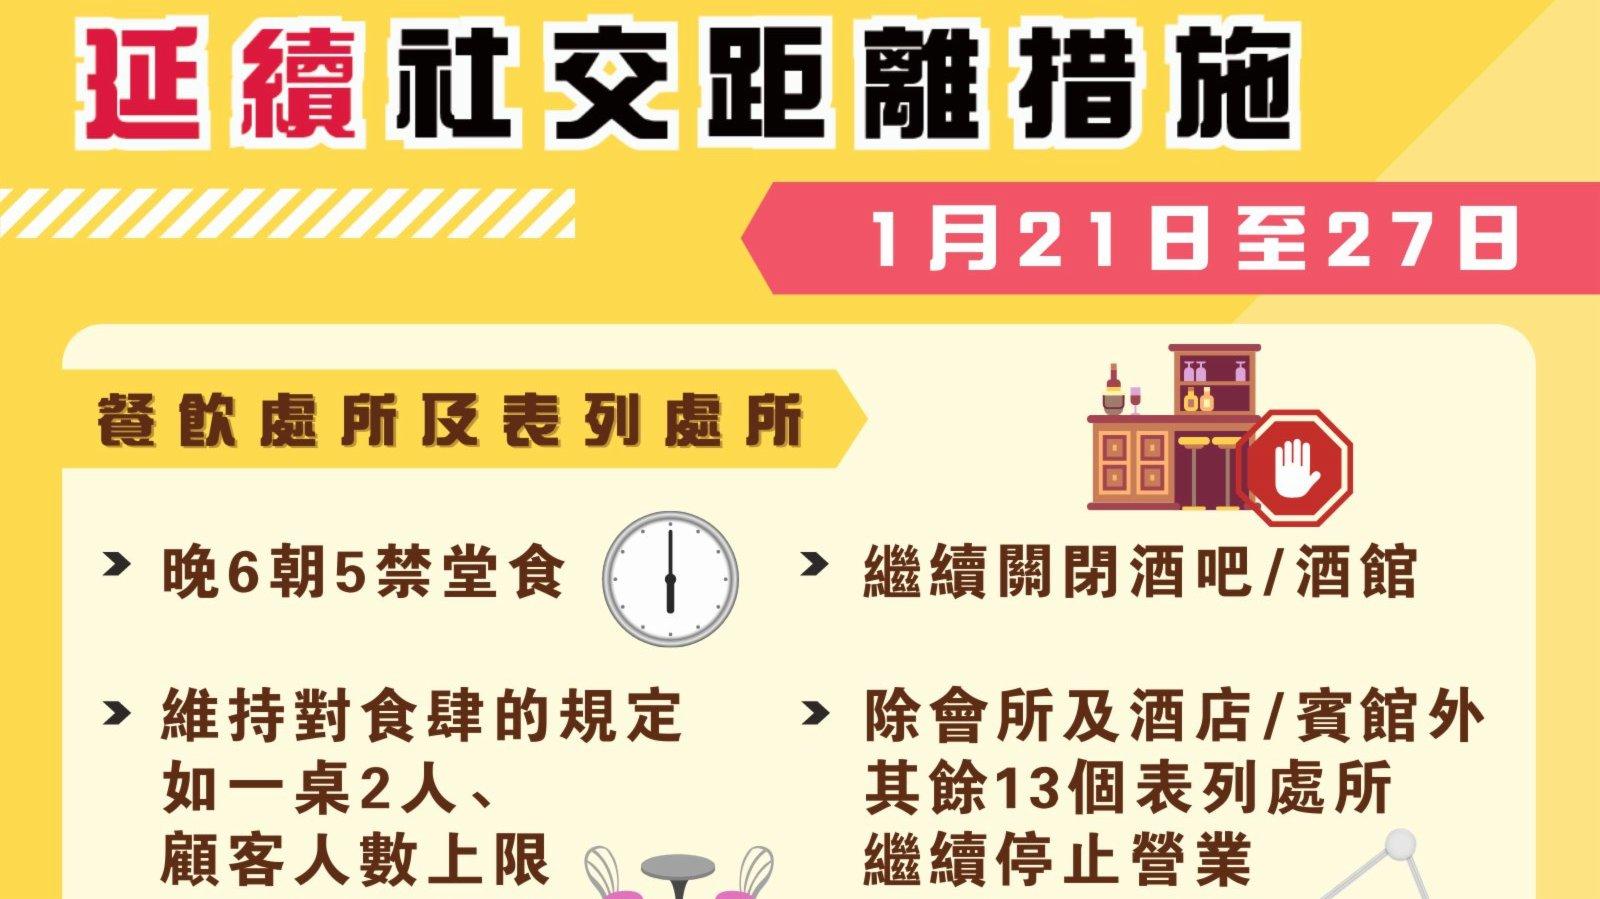 現行社交距離措施延長至1月27日